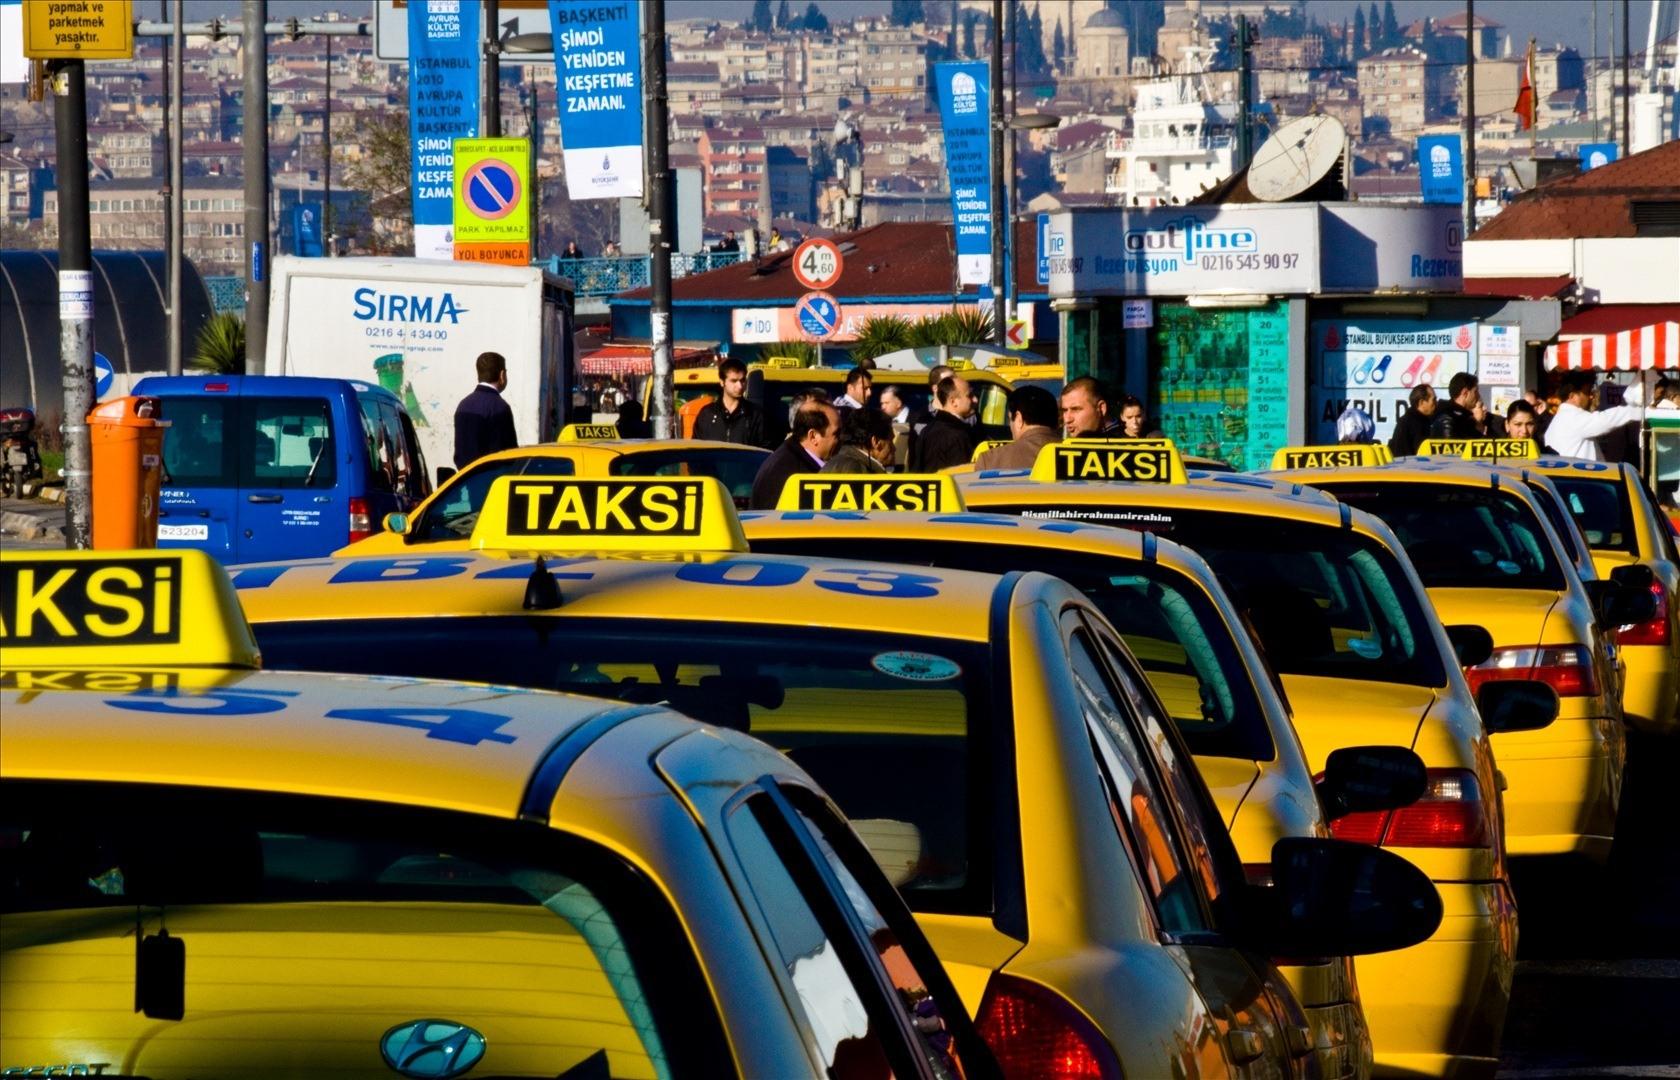 Photo of Balıkesir'de artık fazla bozuk para vermek yasak!